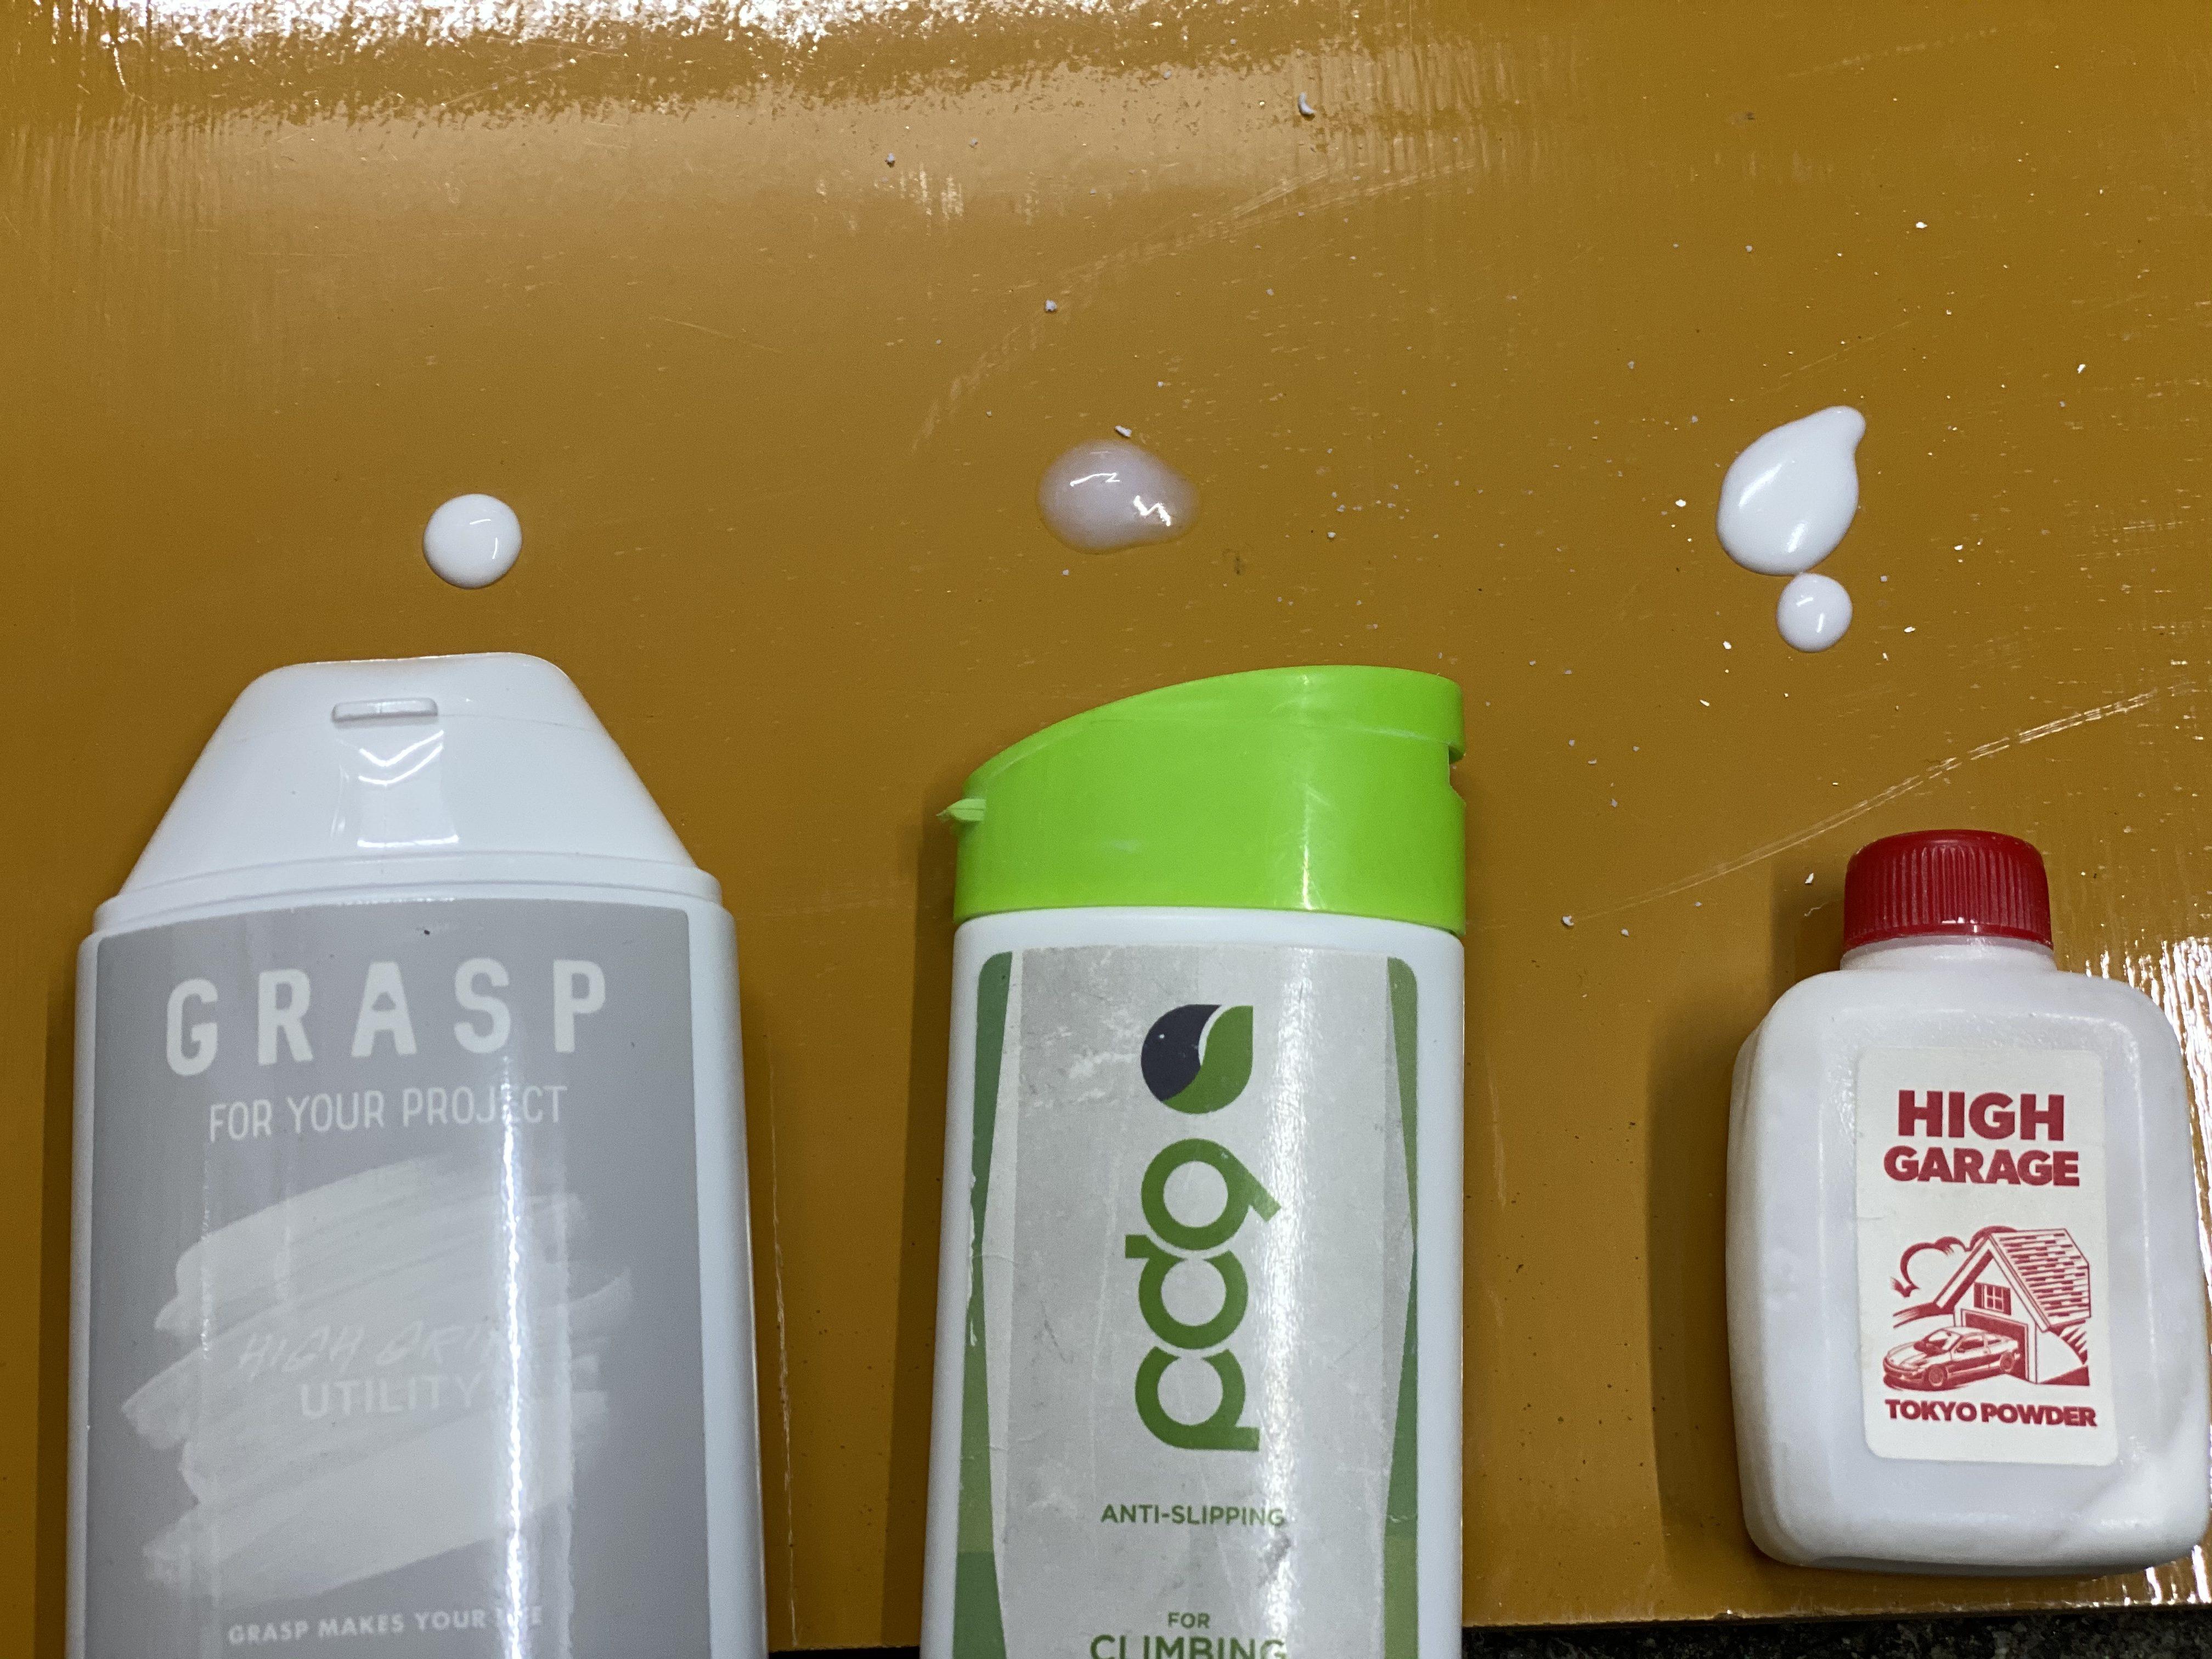 グラスプ液体チョークとハイガレージとPD9の比較